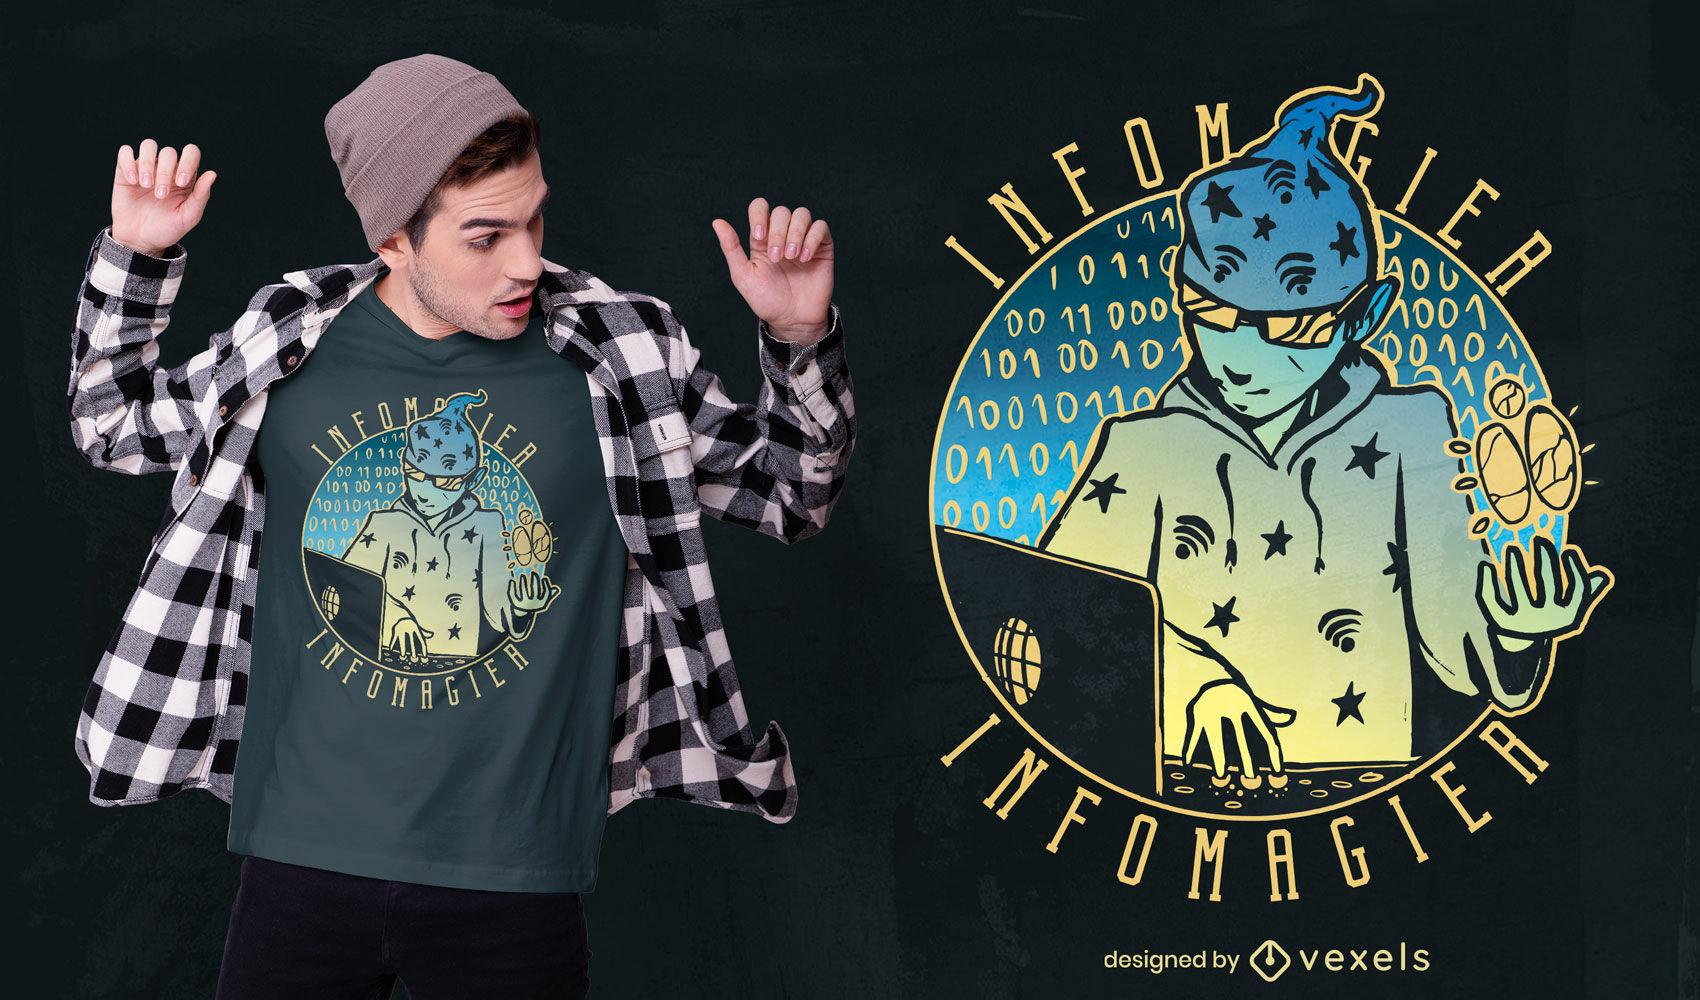 Hacker Farbverlauf deutsches Infomagier T-Shirt Design